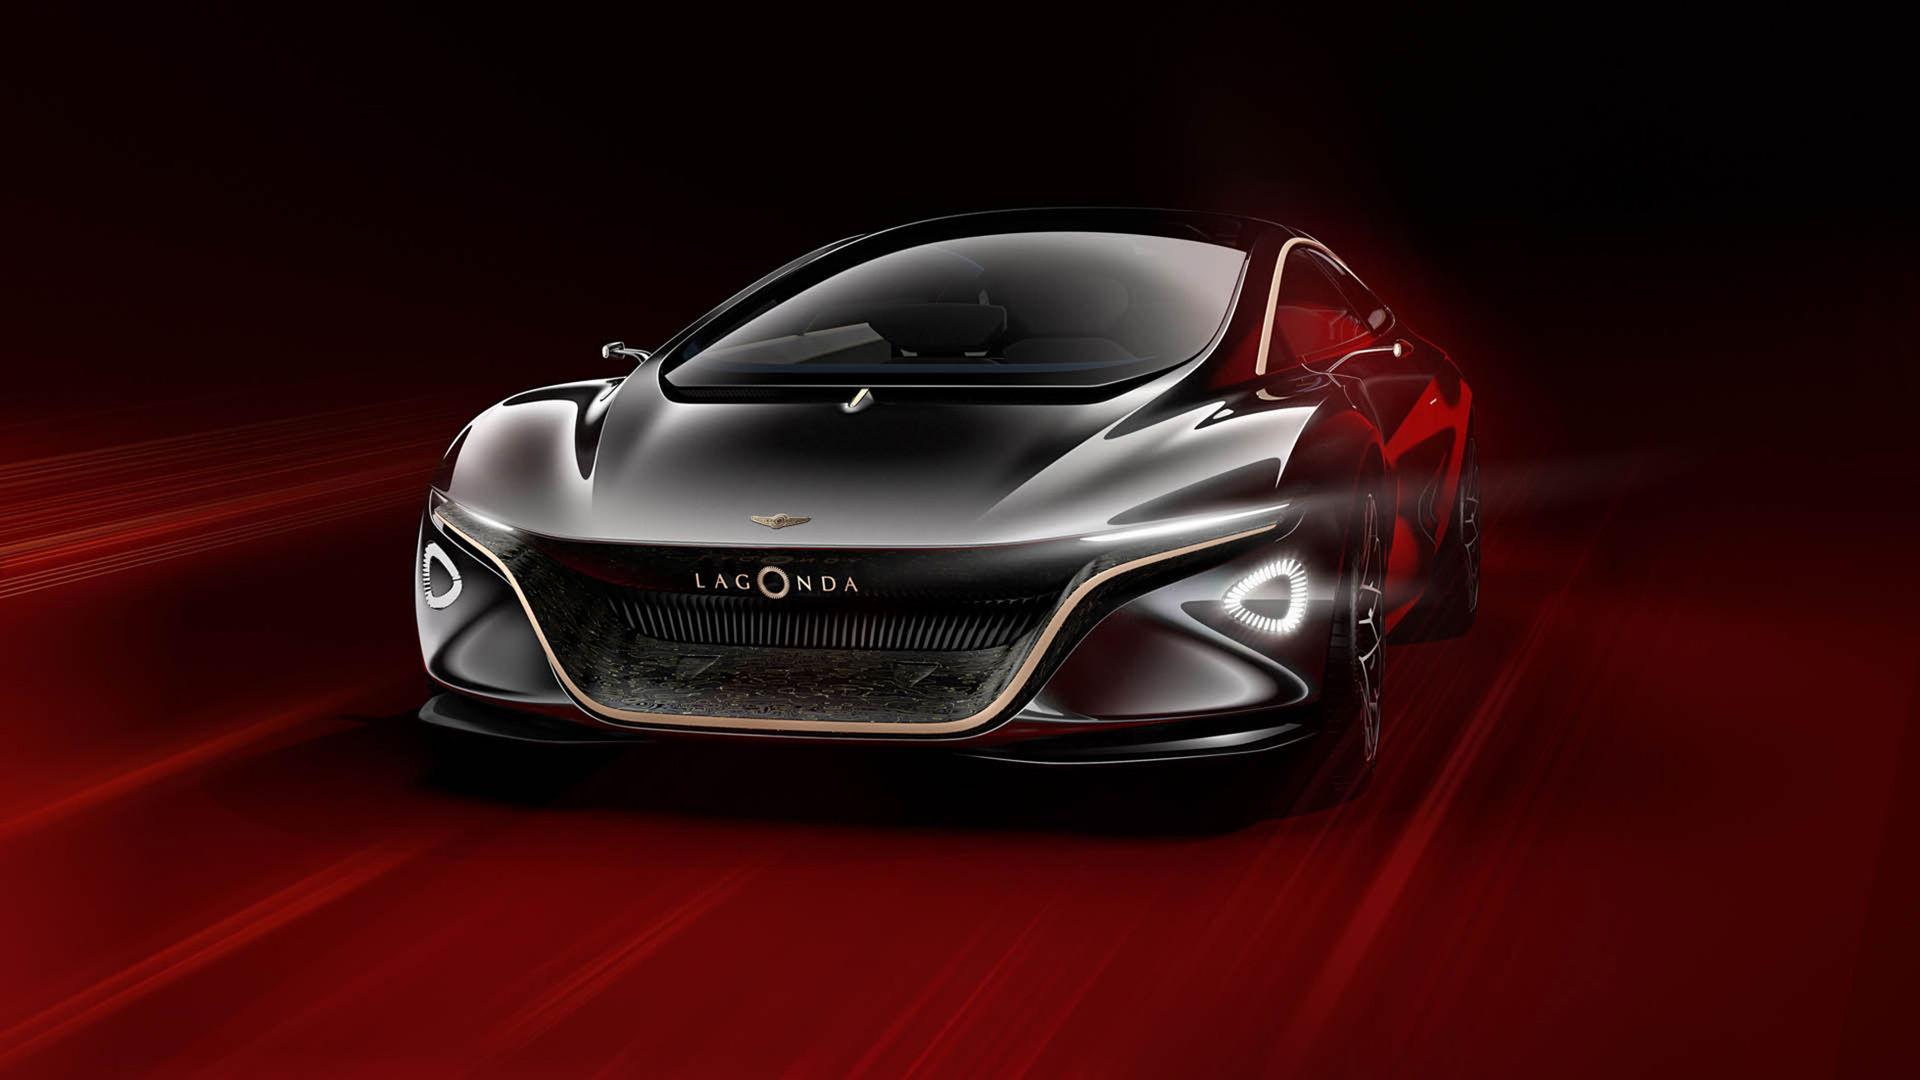 Aston Martin överraskar med eldrivet koncept